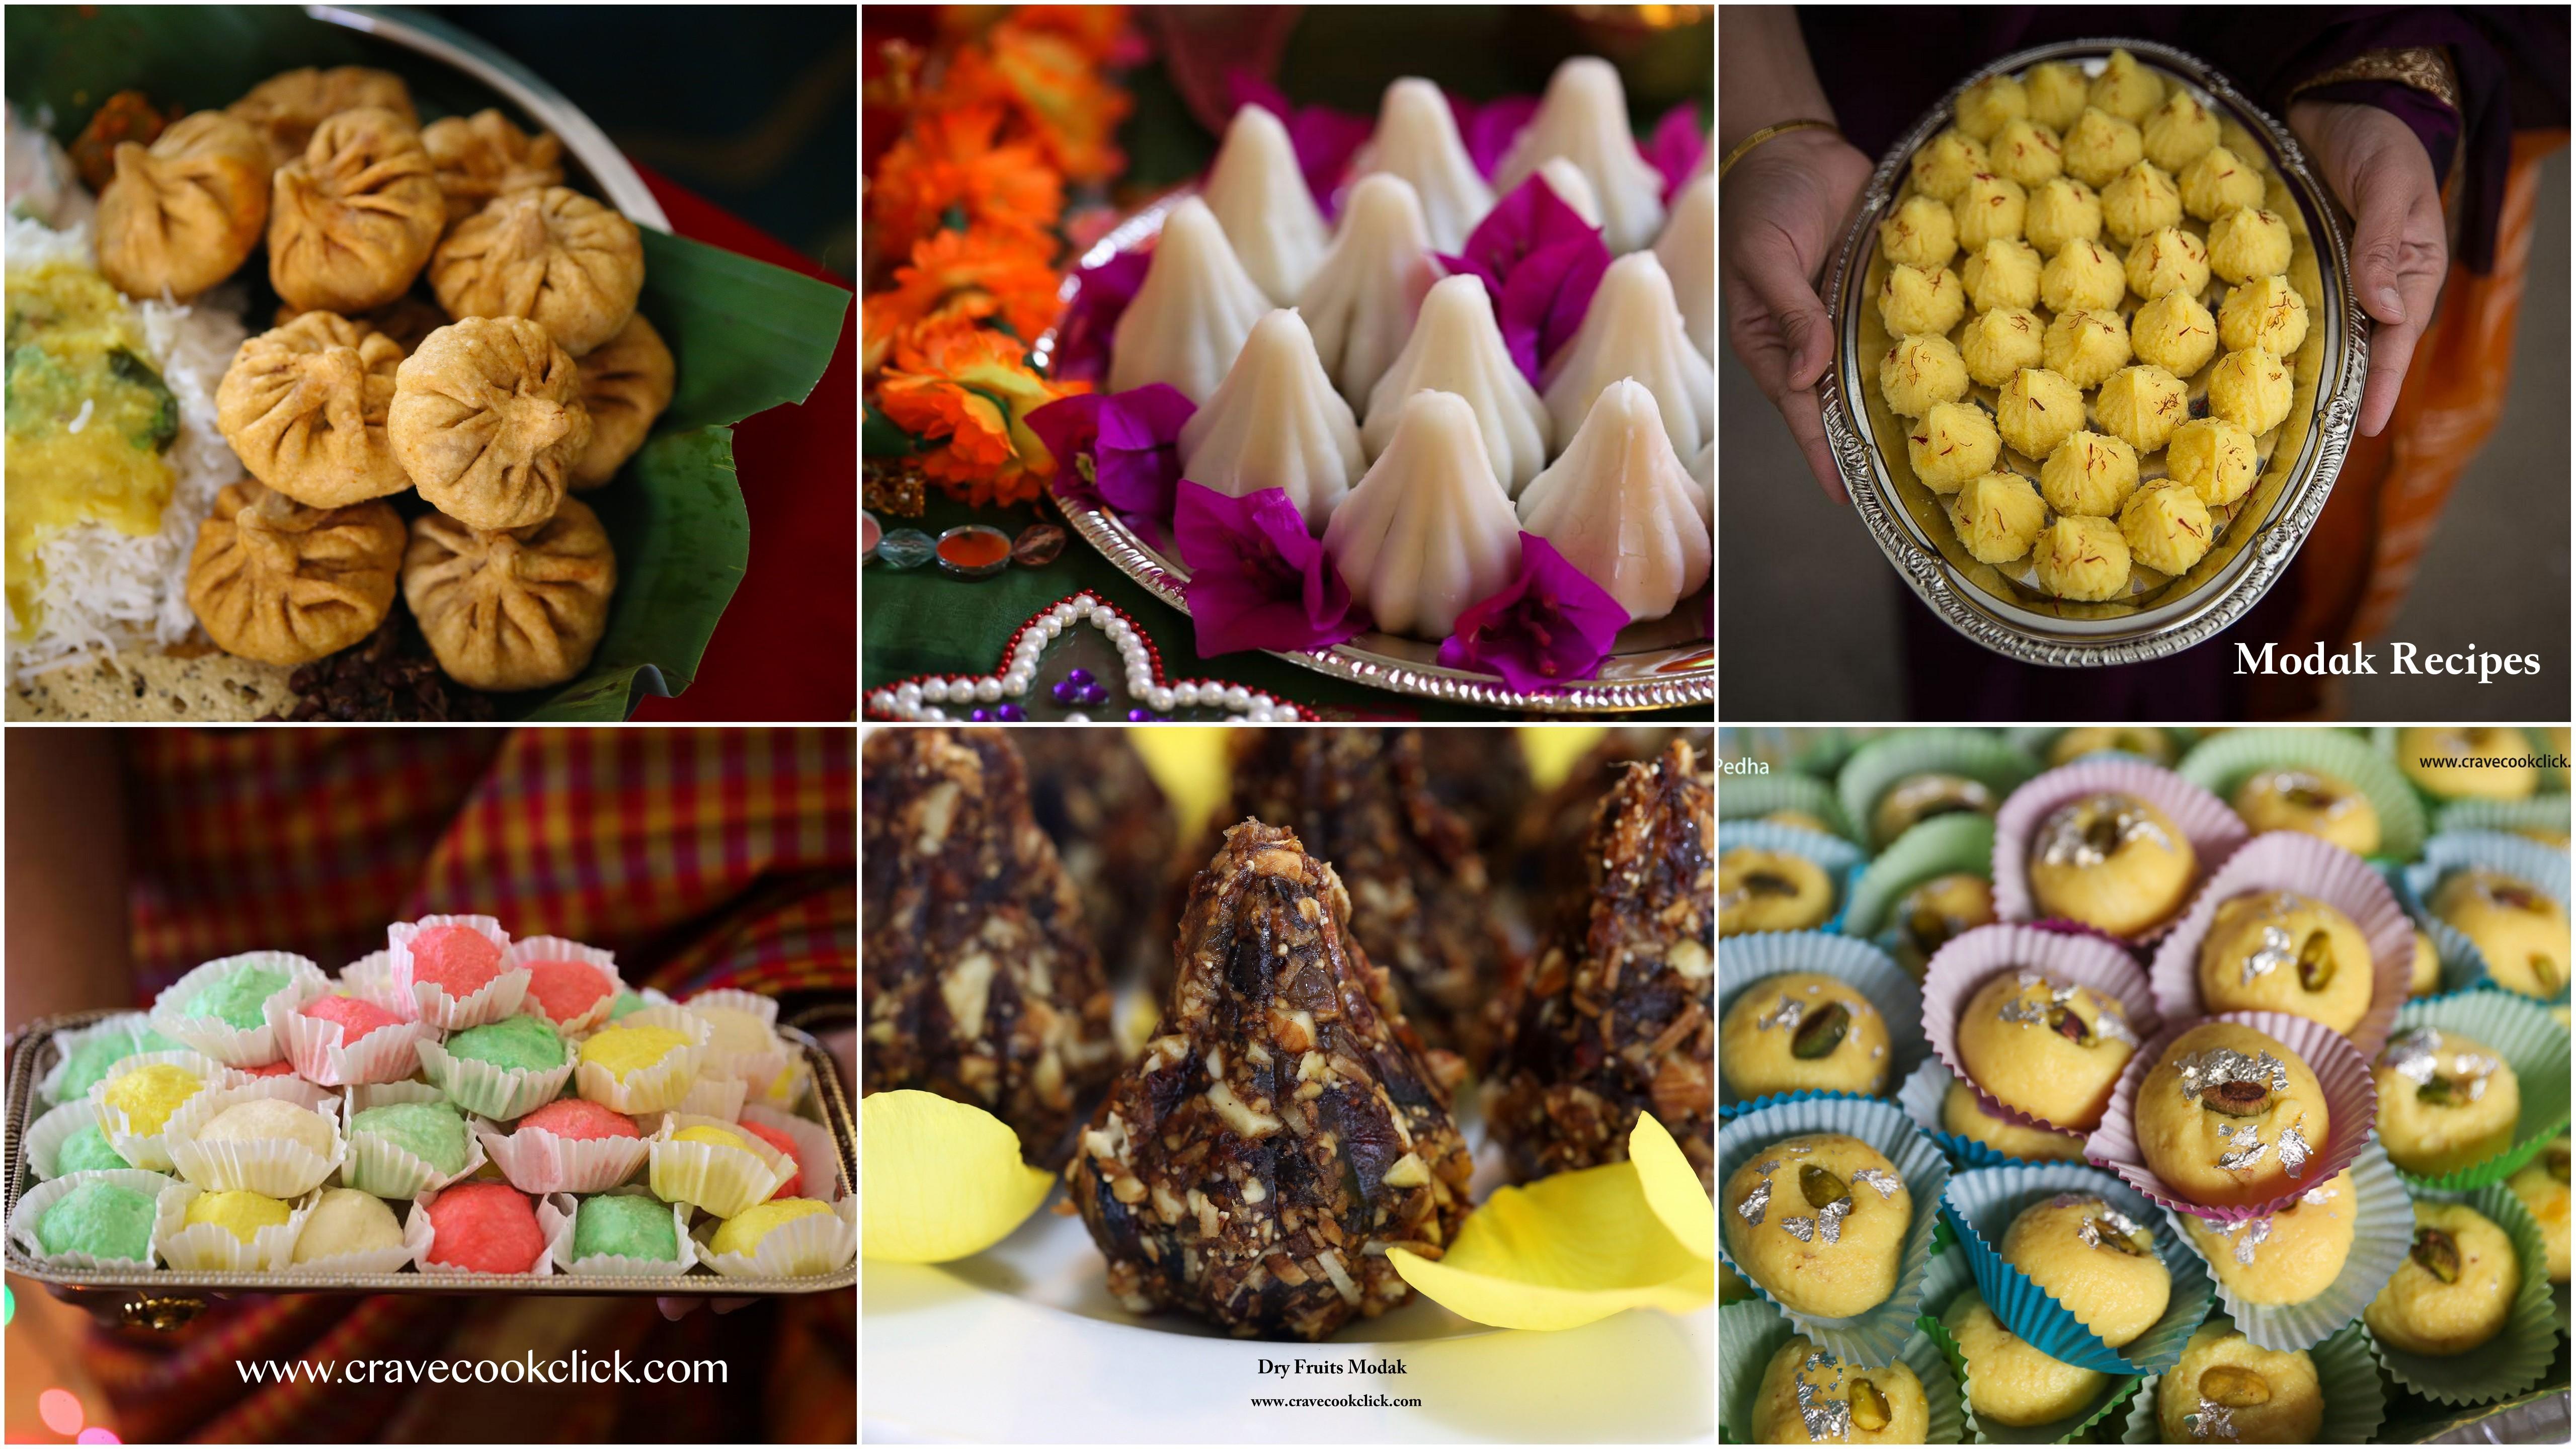 Ganesh Festival Recipes/Modak Recipes/How to make modaks/Modak making videos